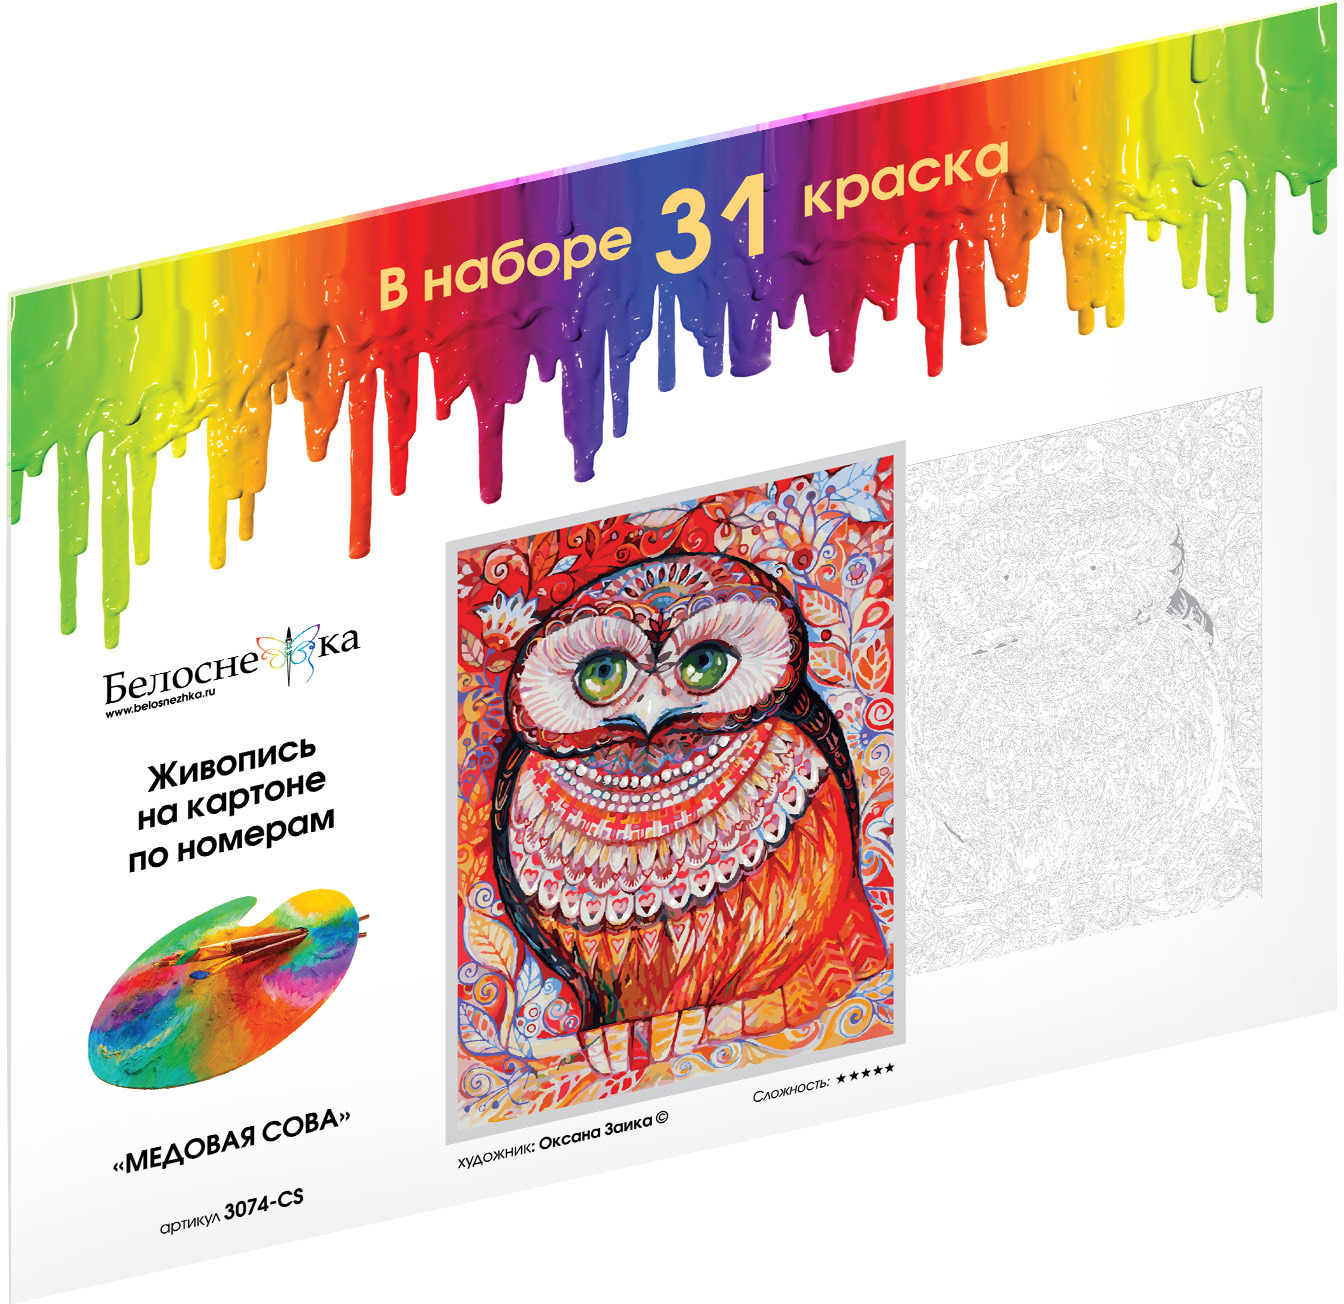 Живопись на картоне Белоснежка Медовая сова, 30 х 40 см набор для раскрашивания акриловыми красками спокойные воды